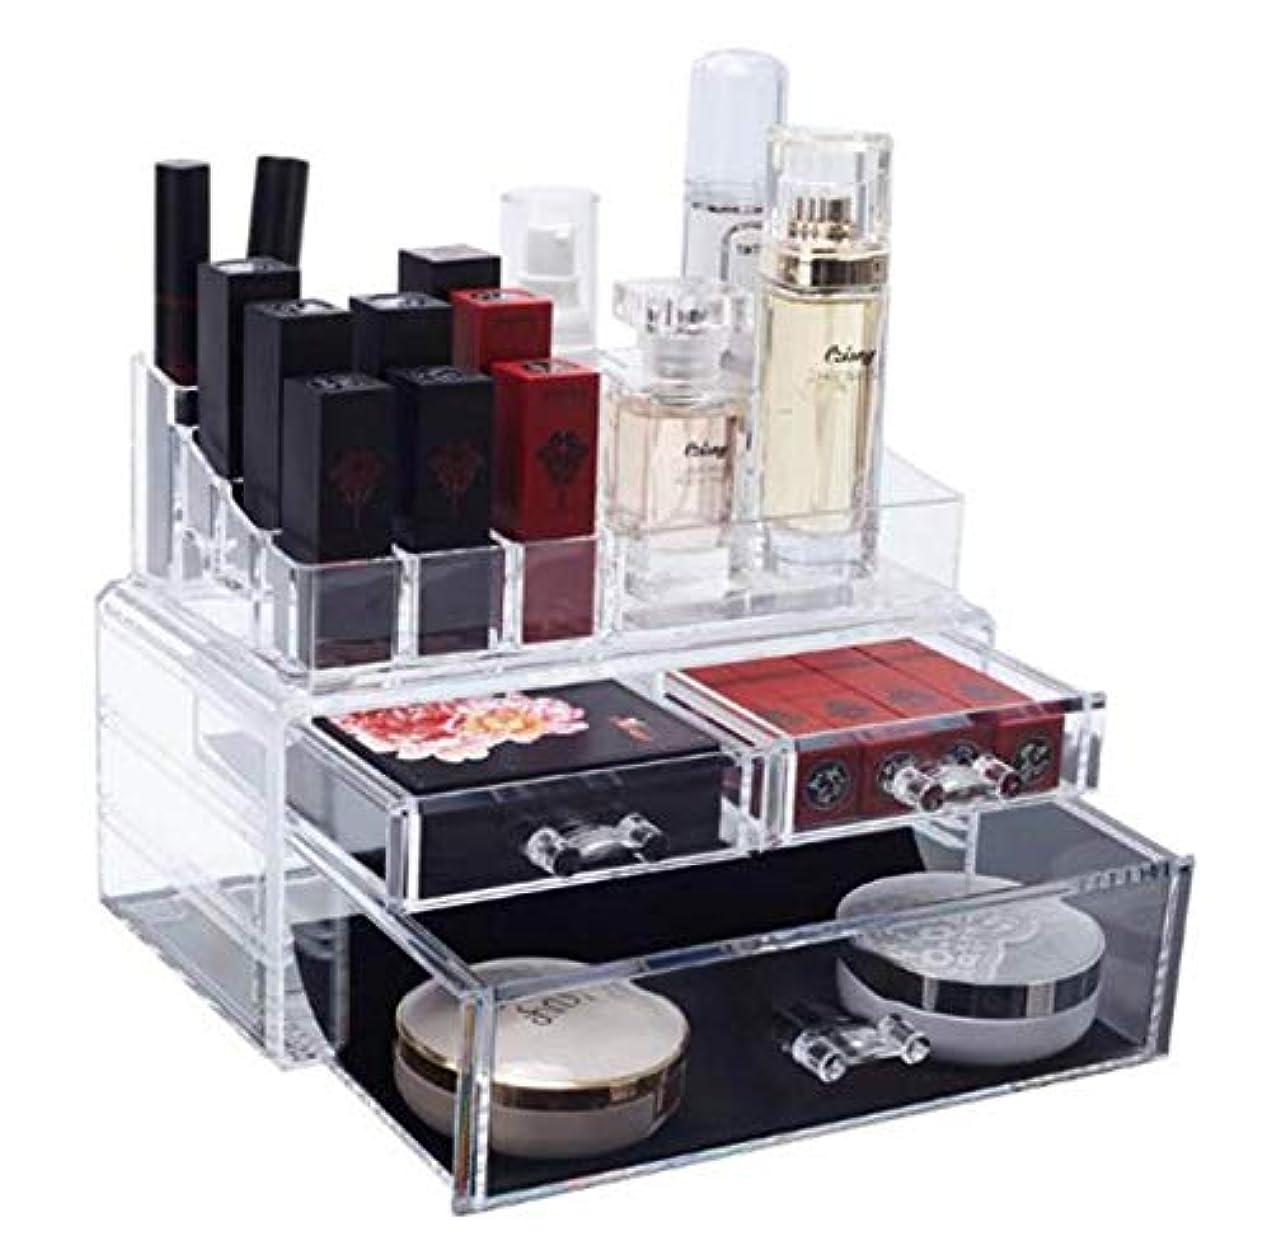 観客勧告淡い化粧品収納ボックス メイク収納ケース コスメ 収納ボックス 大容量 高透明度 引き出し アクセサリー/化粧品入れ 耐久